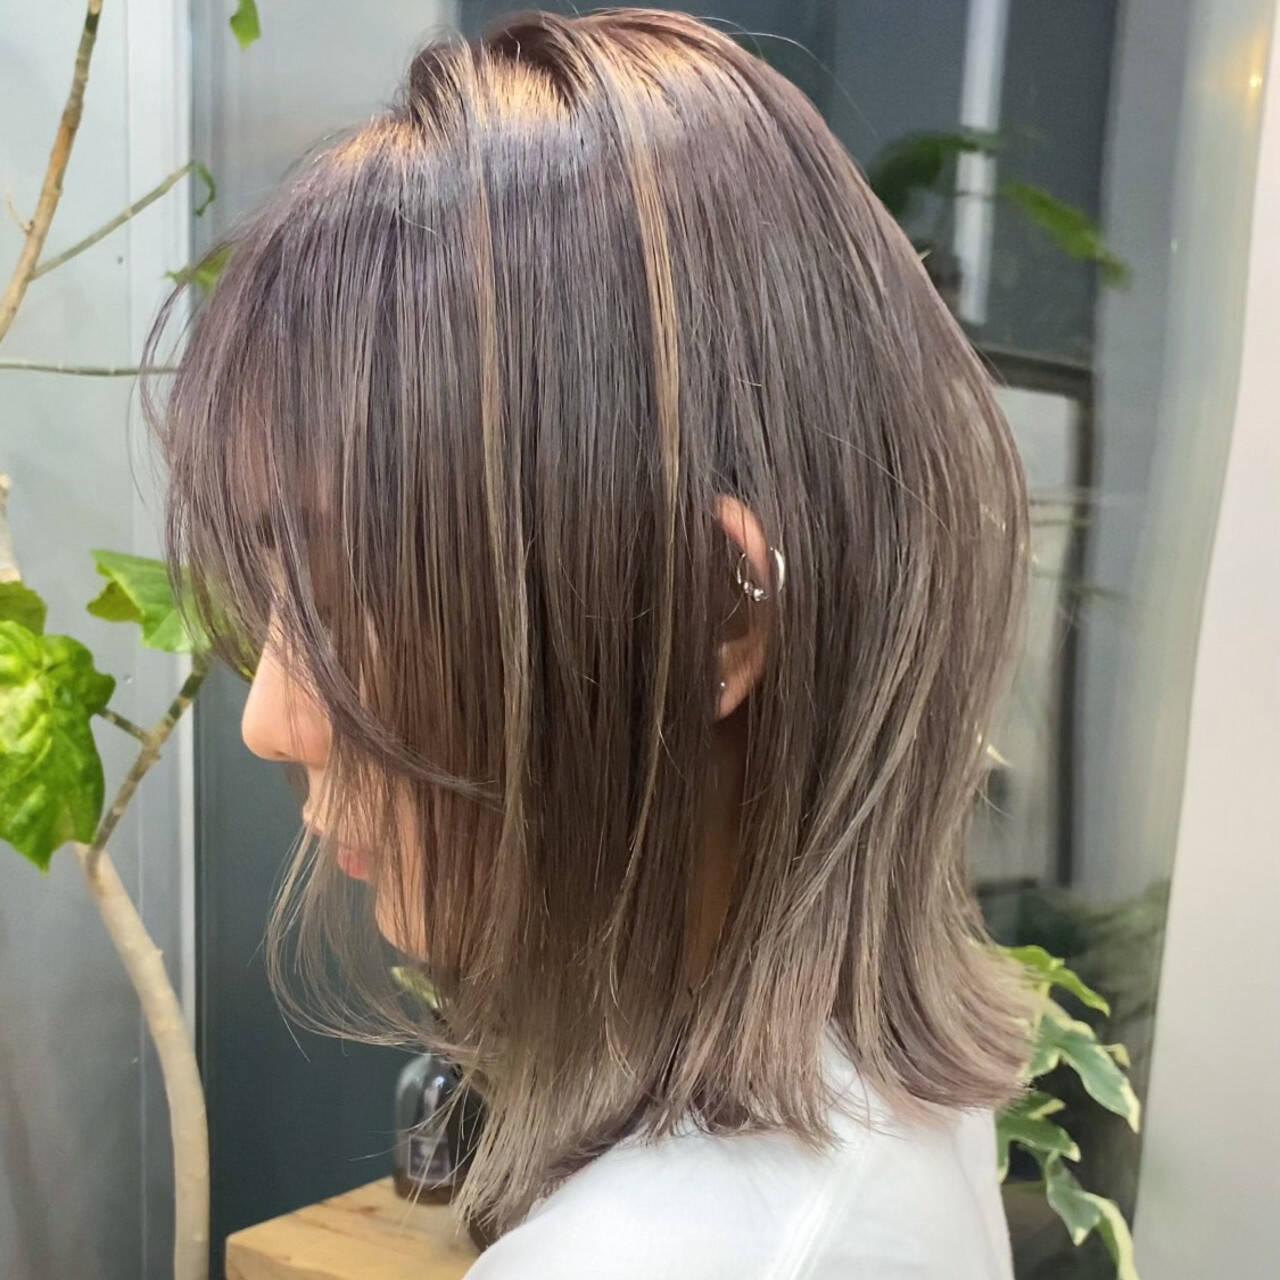 ハイトーンカラー ハイライト ブリーチカラー 切りっぱなしボブヘアスタイルや髪型の写真・画像